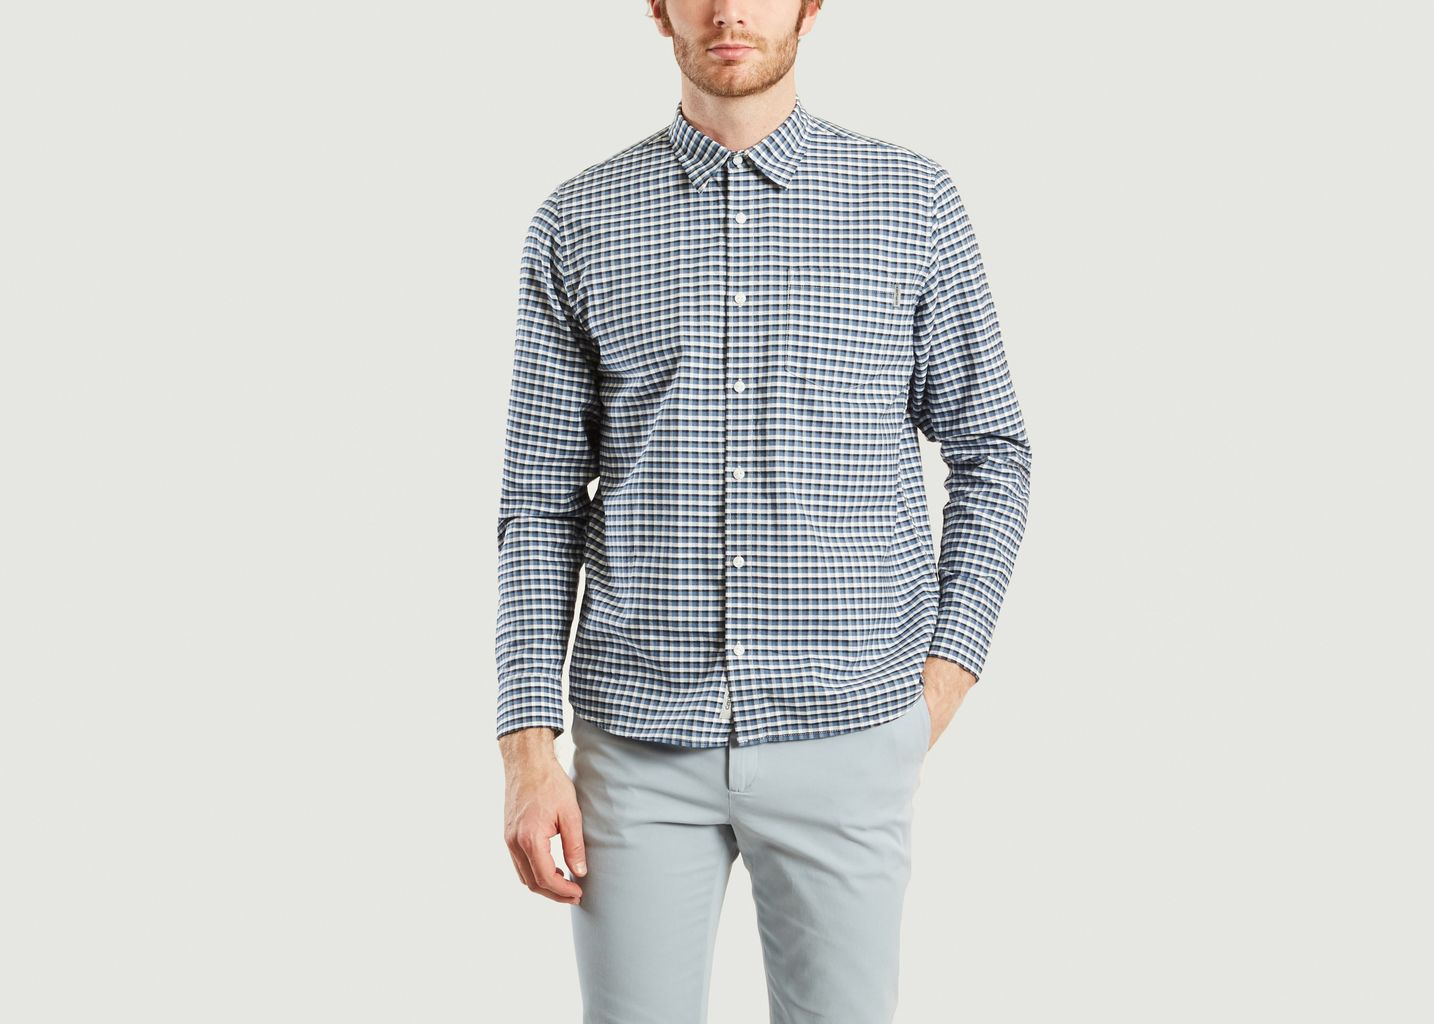 Lemming Shirt - Carhartt WIP